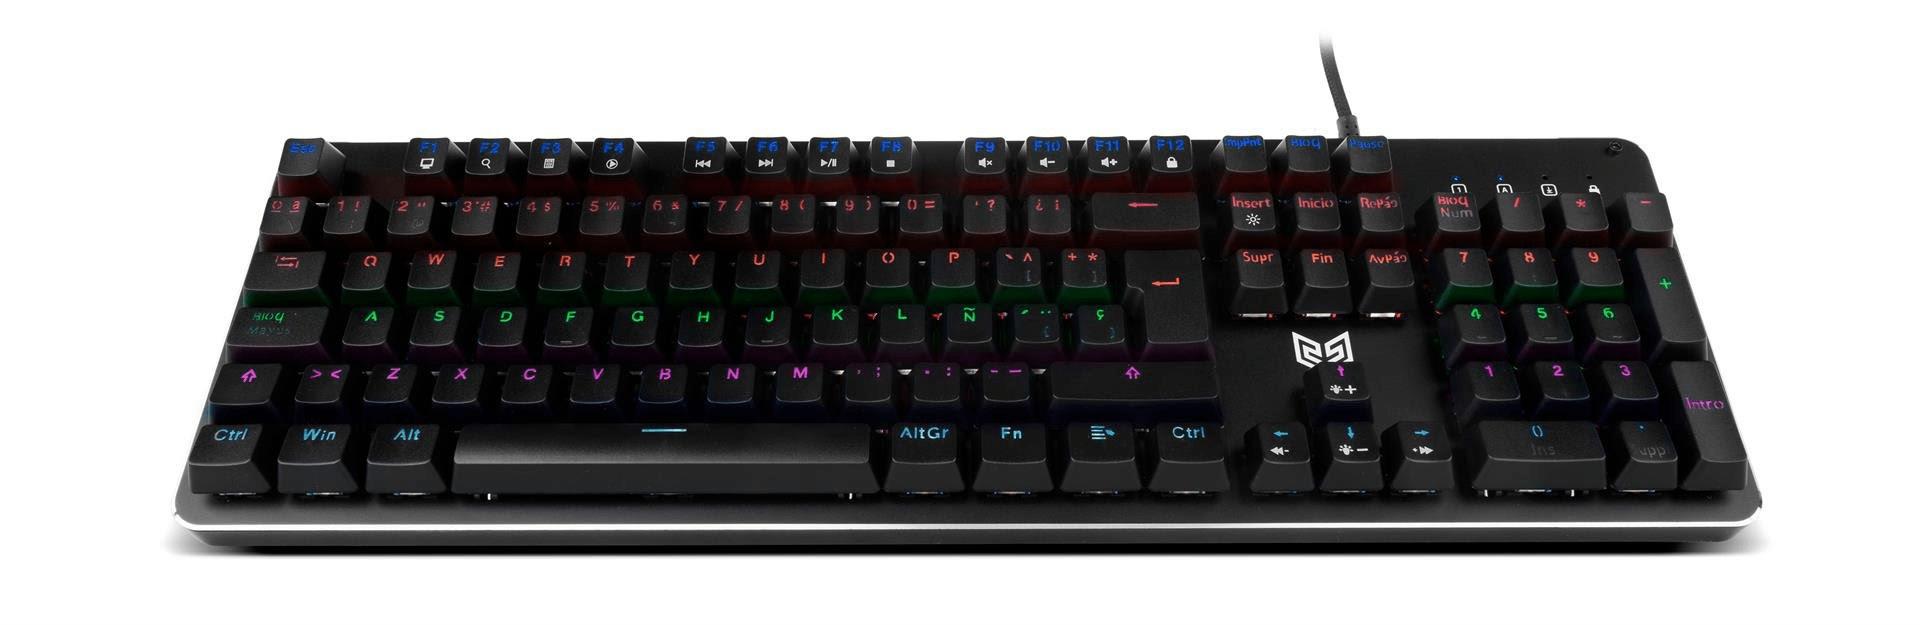 BG Raven, teclado mecánico económico 12